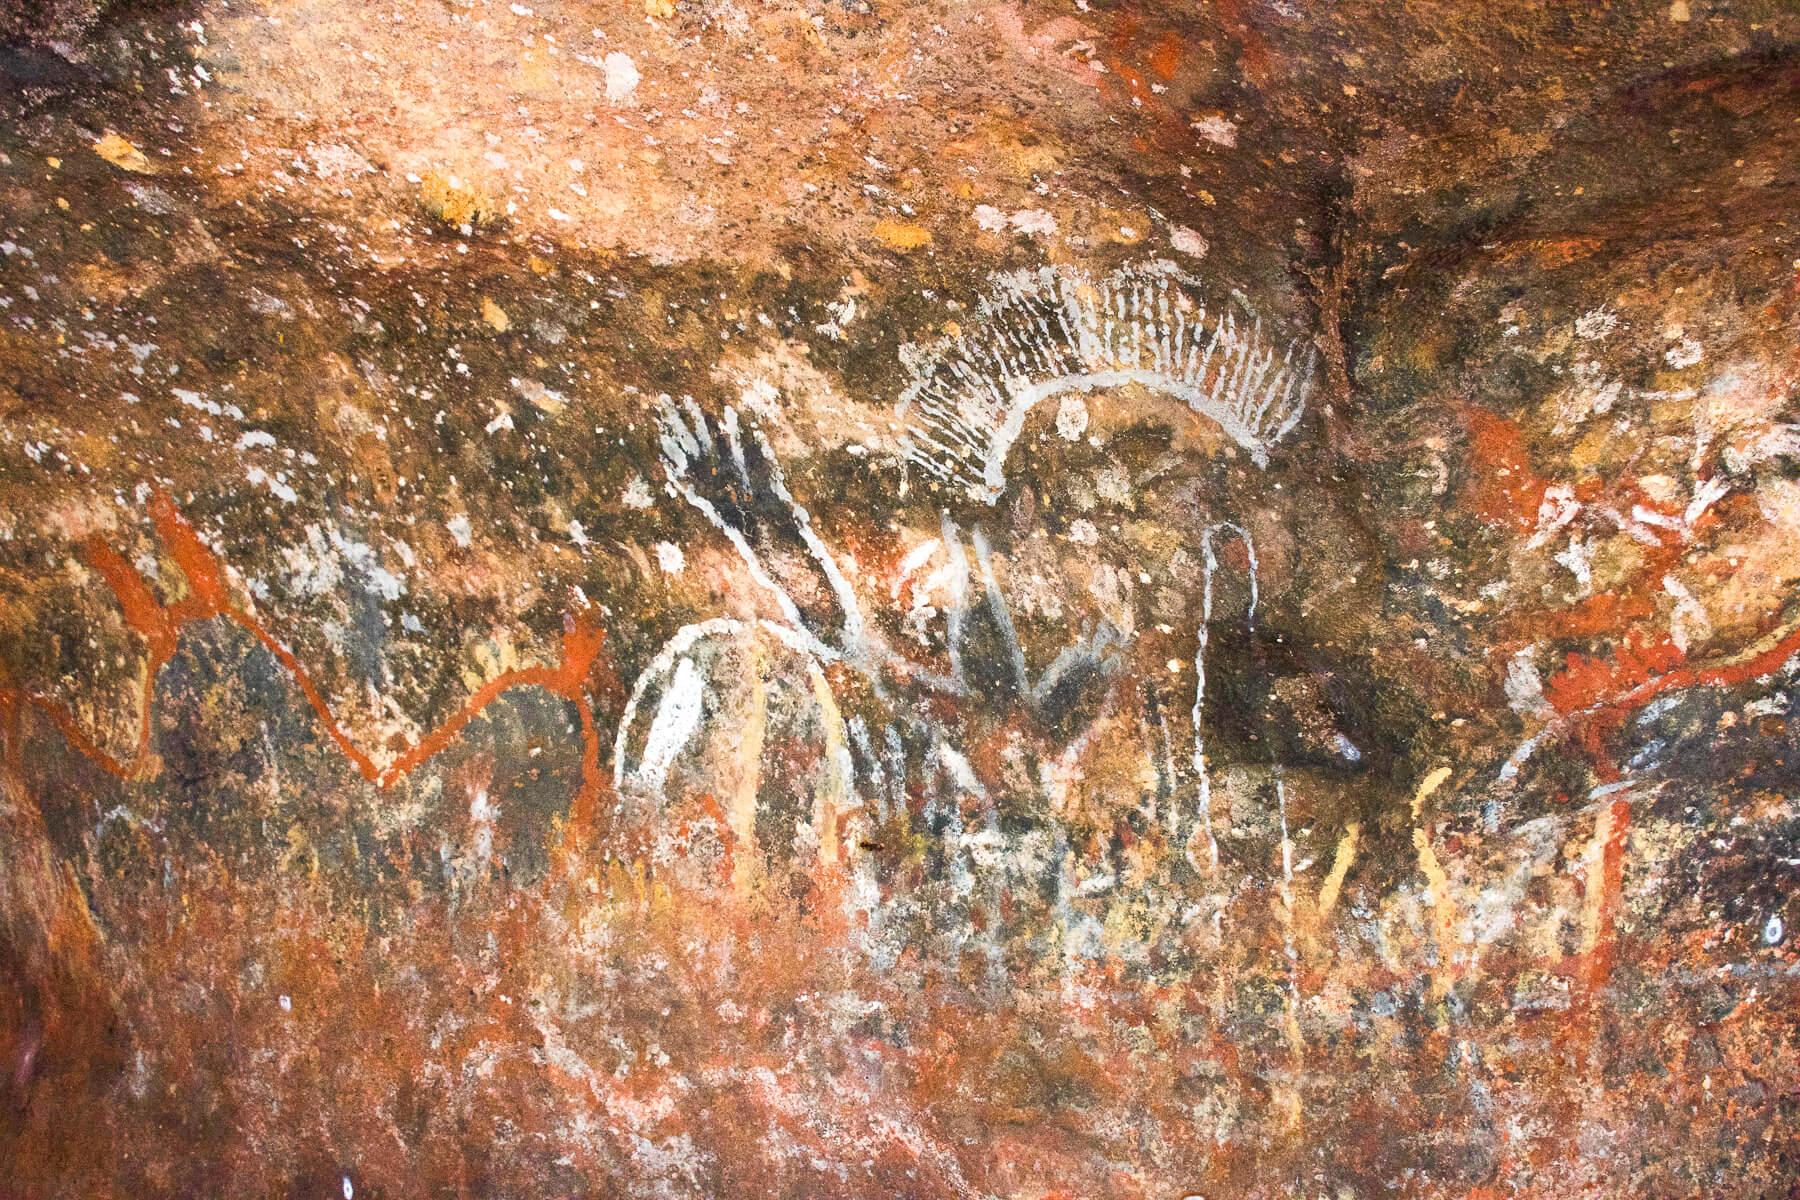 Aboriginal paintings in a cave on Uluru